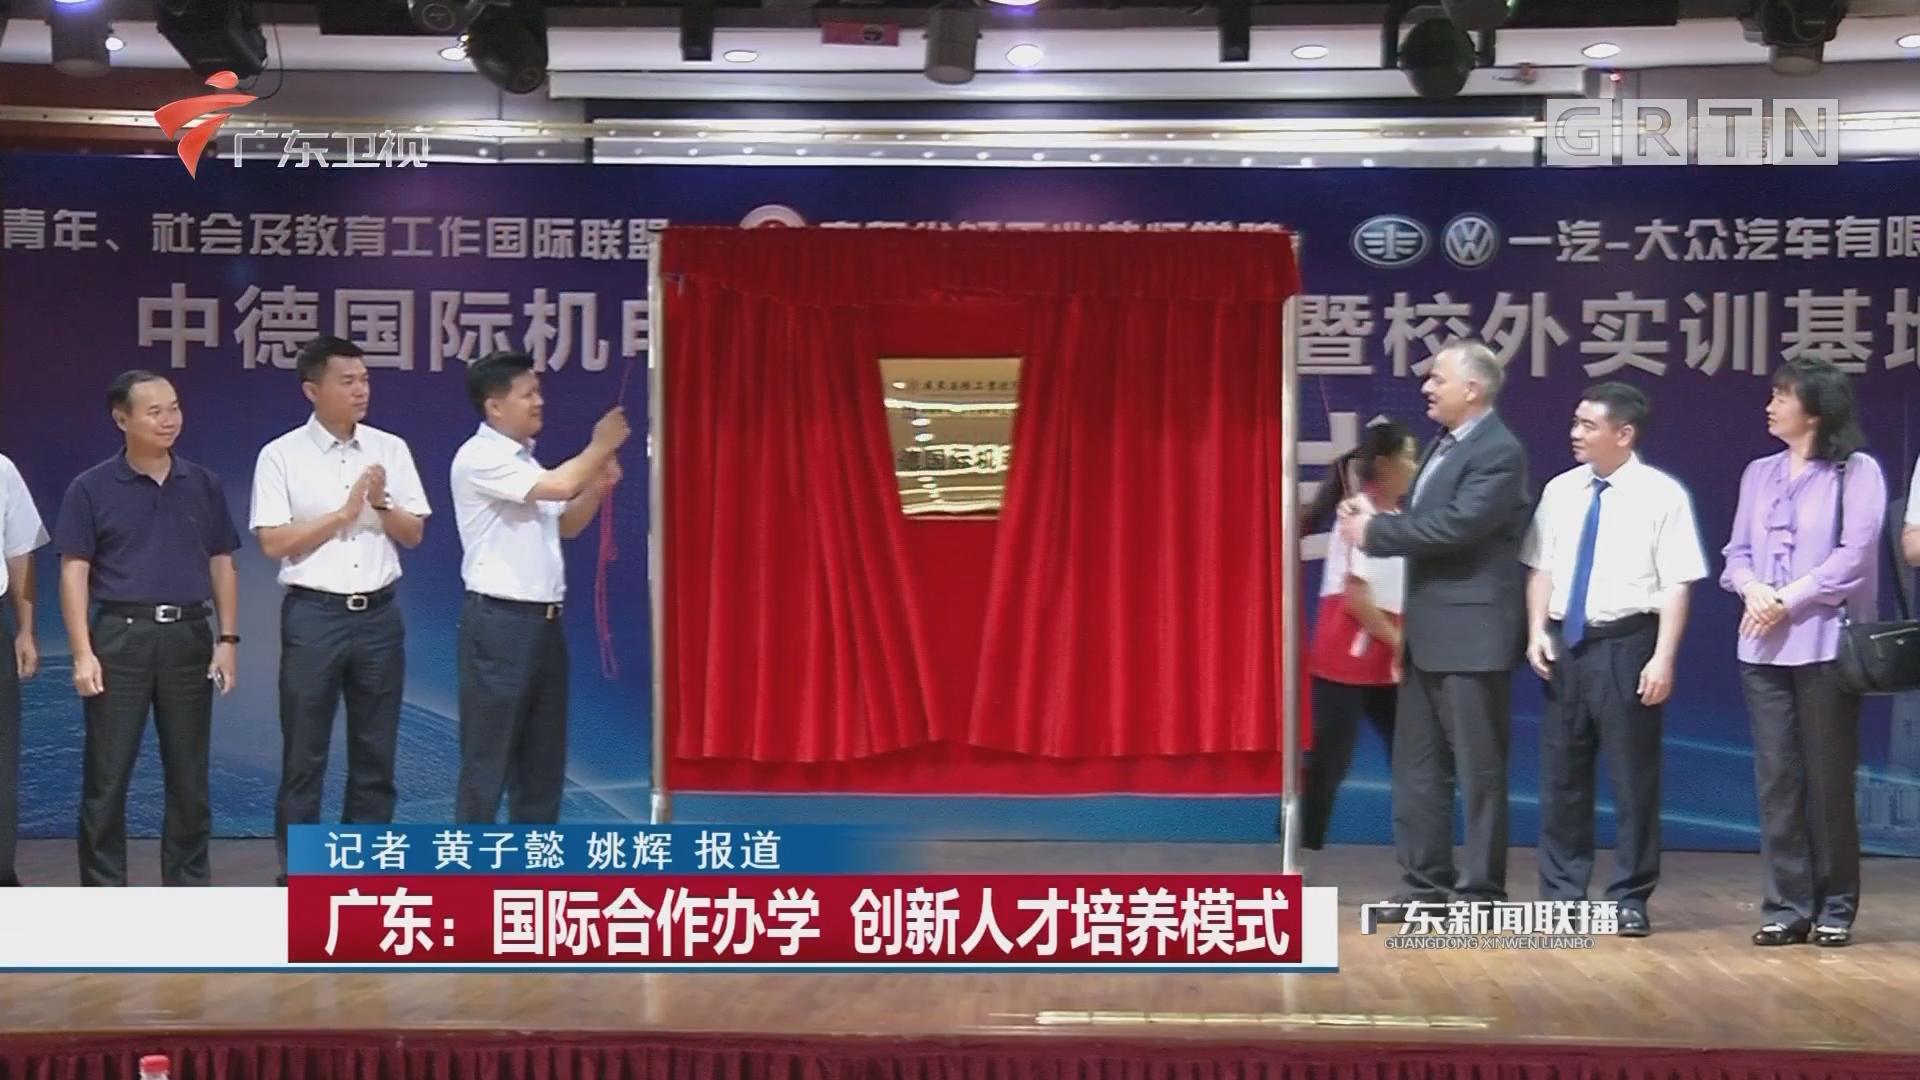 广东:国际合作办学 创新人才培养模式